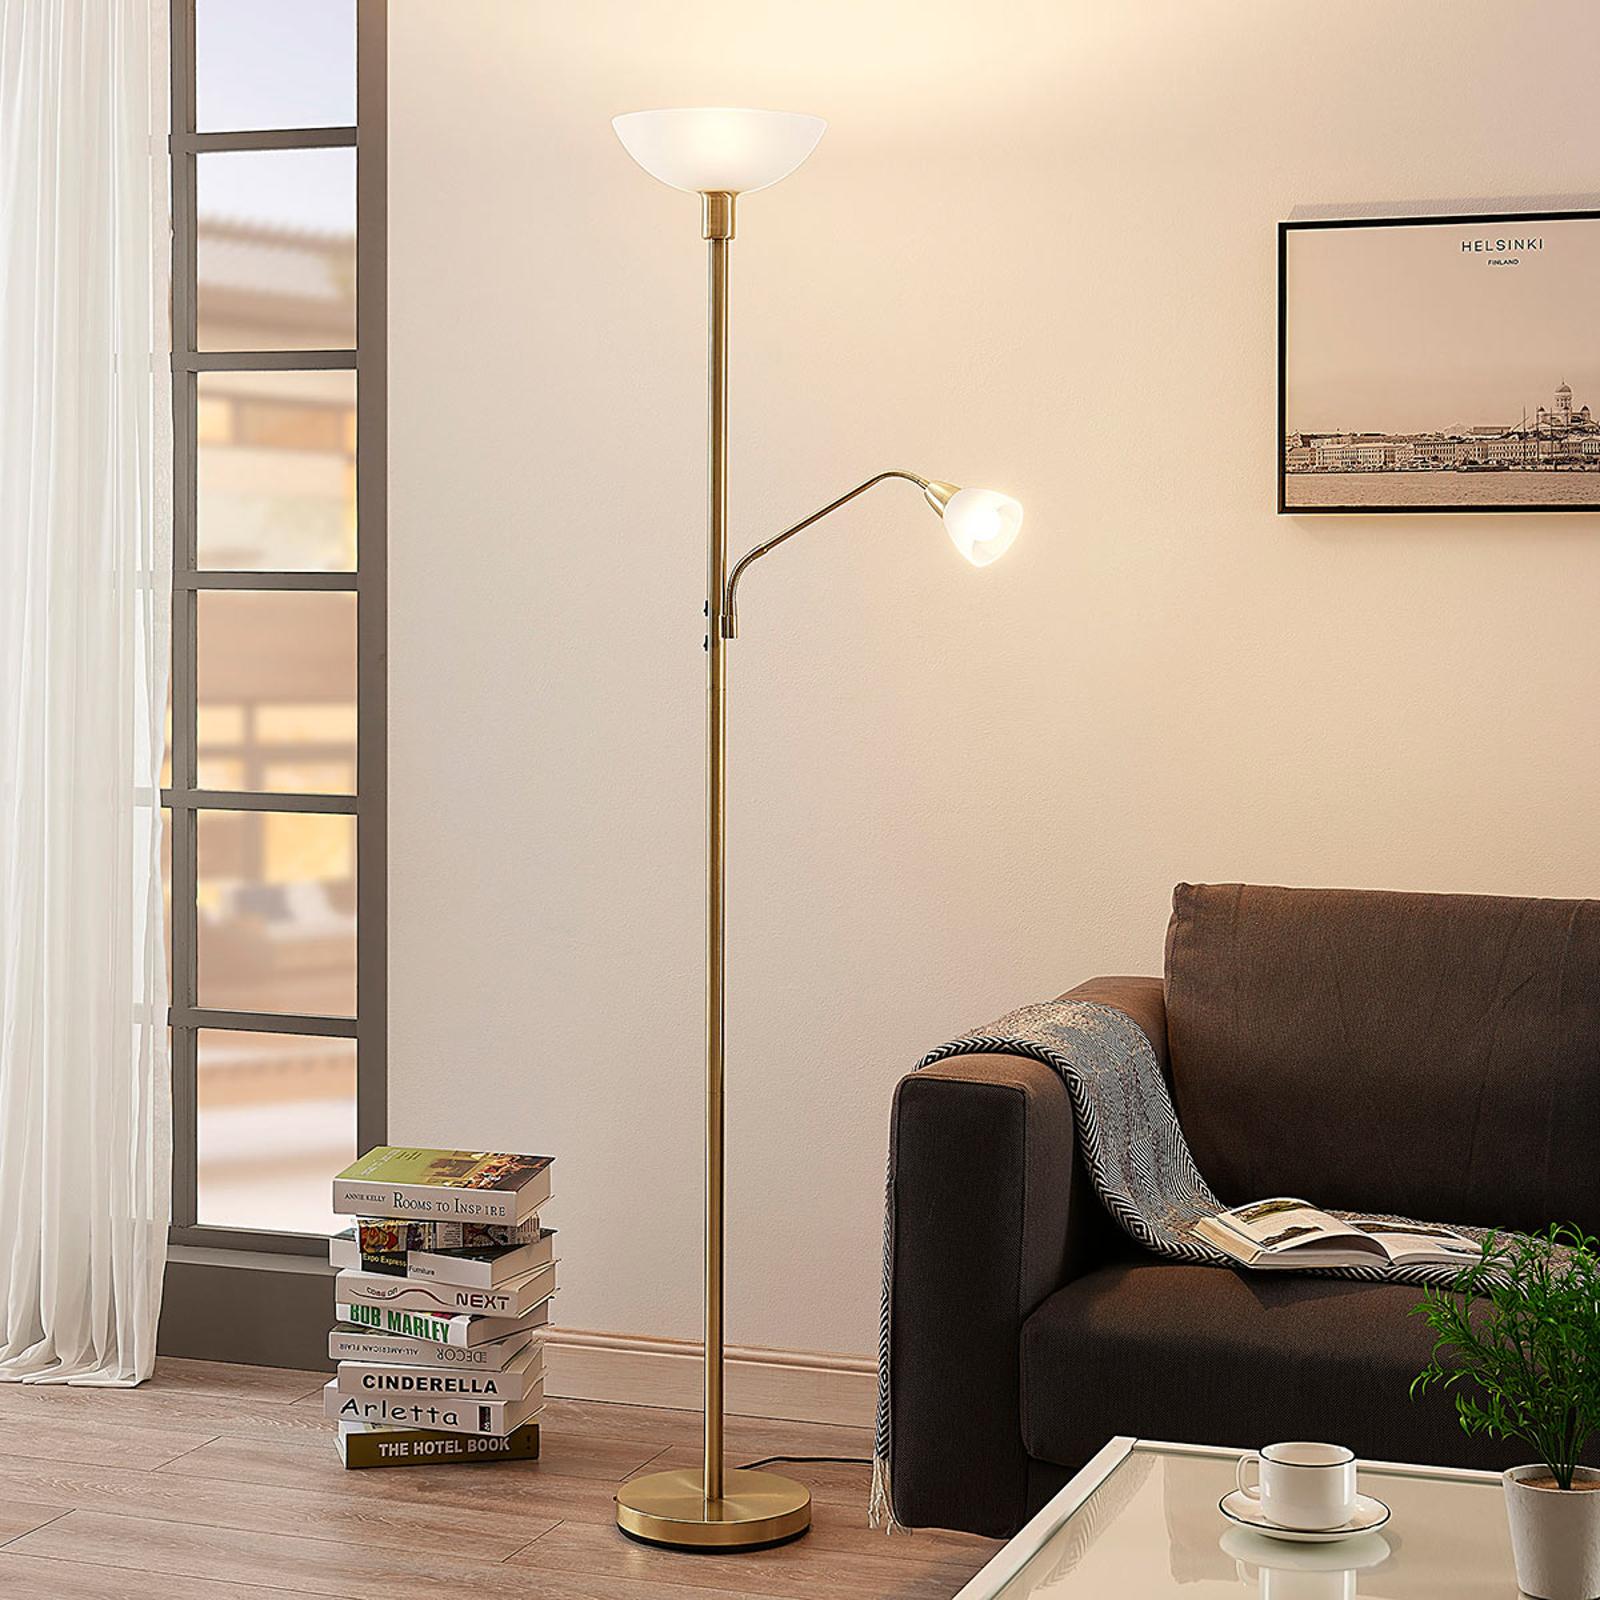 LED-Deckenfluter Jost mit Leselampe, messing matt